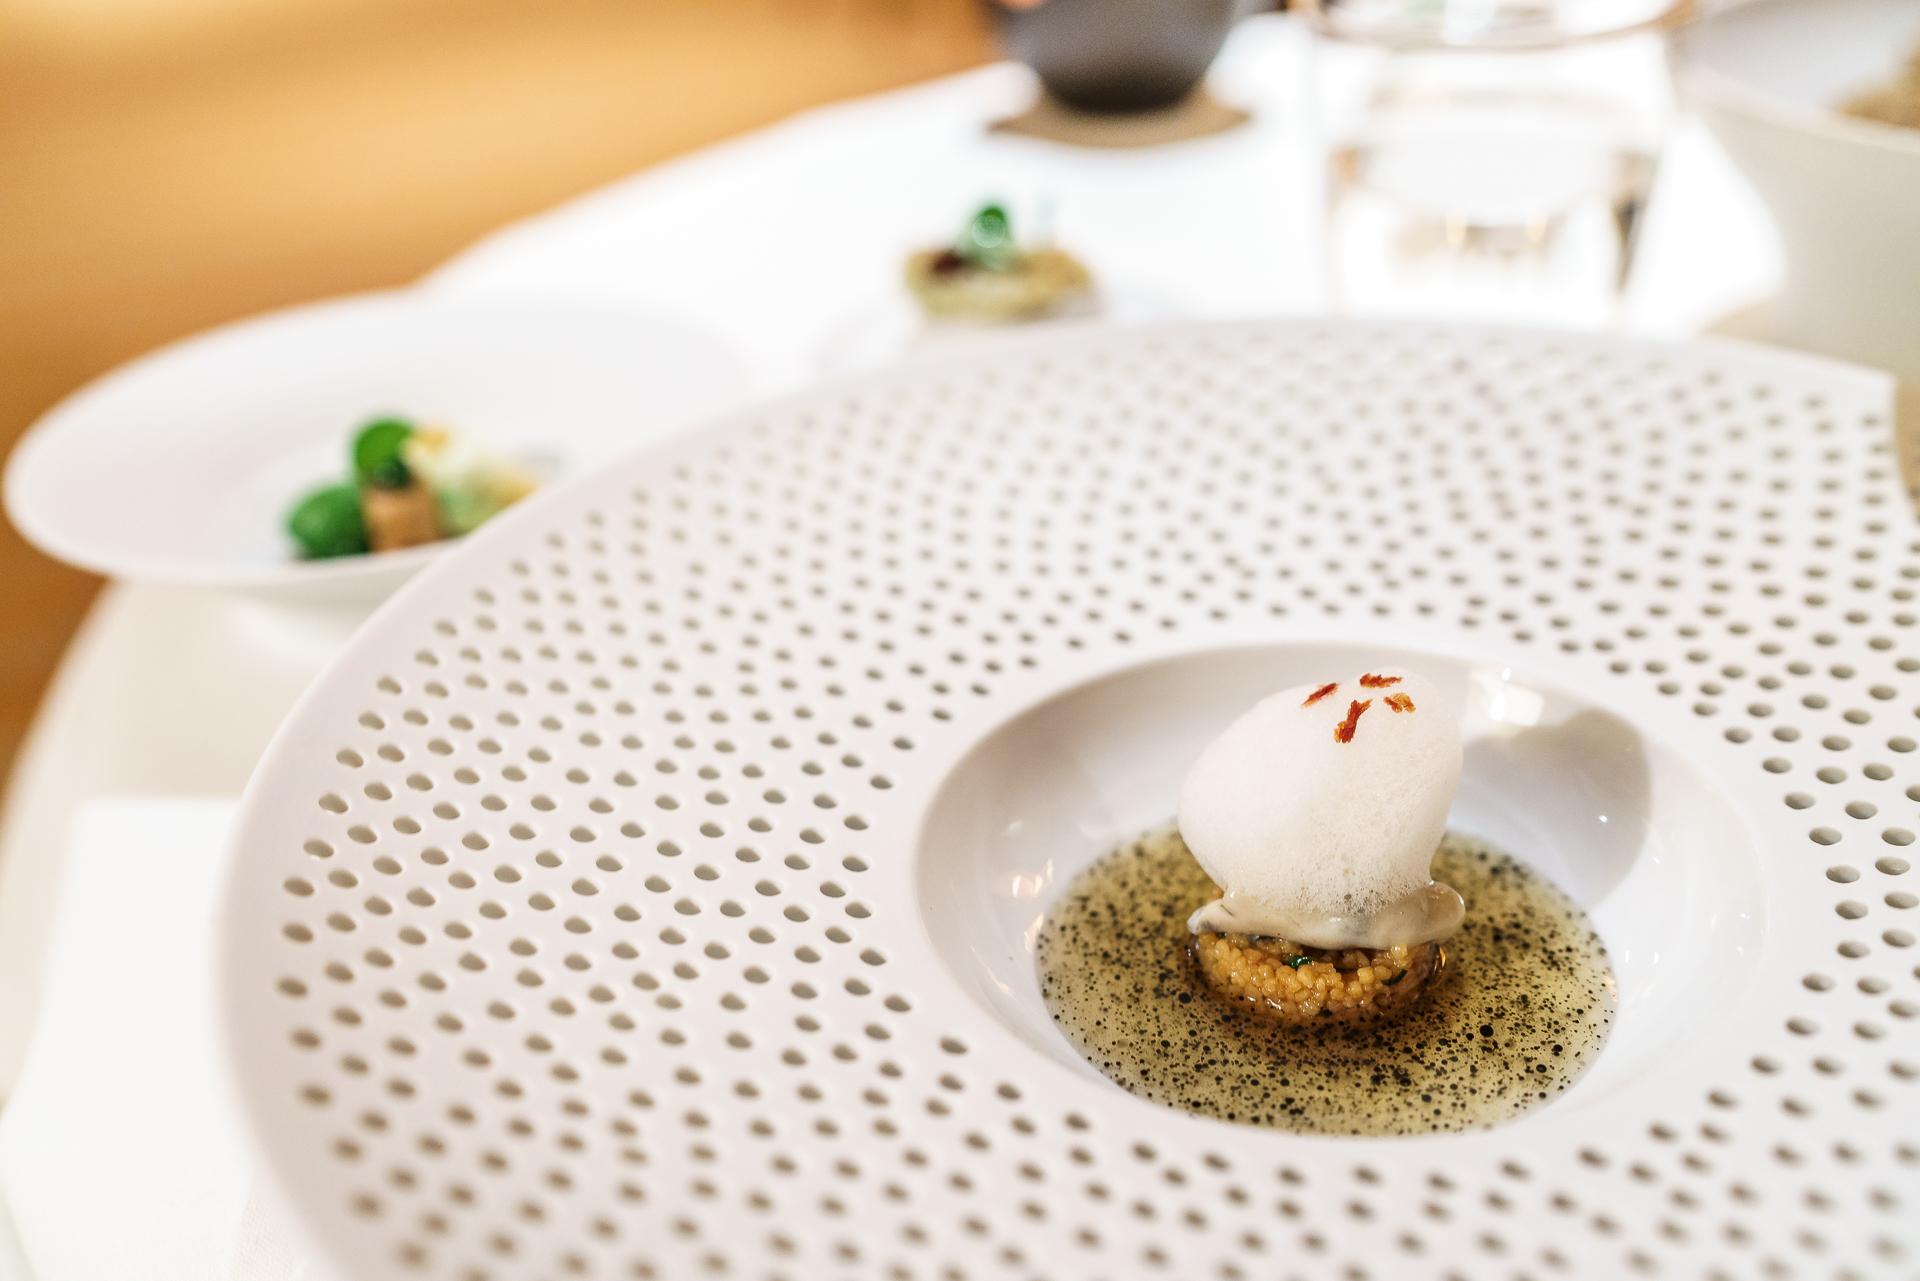 Austern-Gourmet-Einstein-St-Gallen